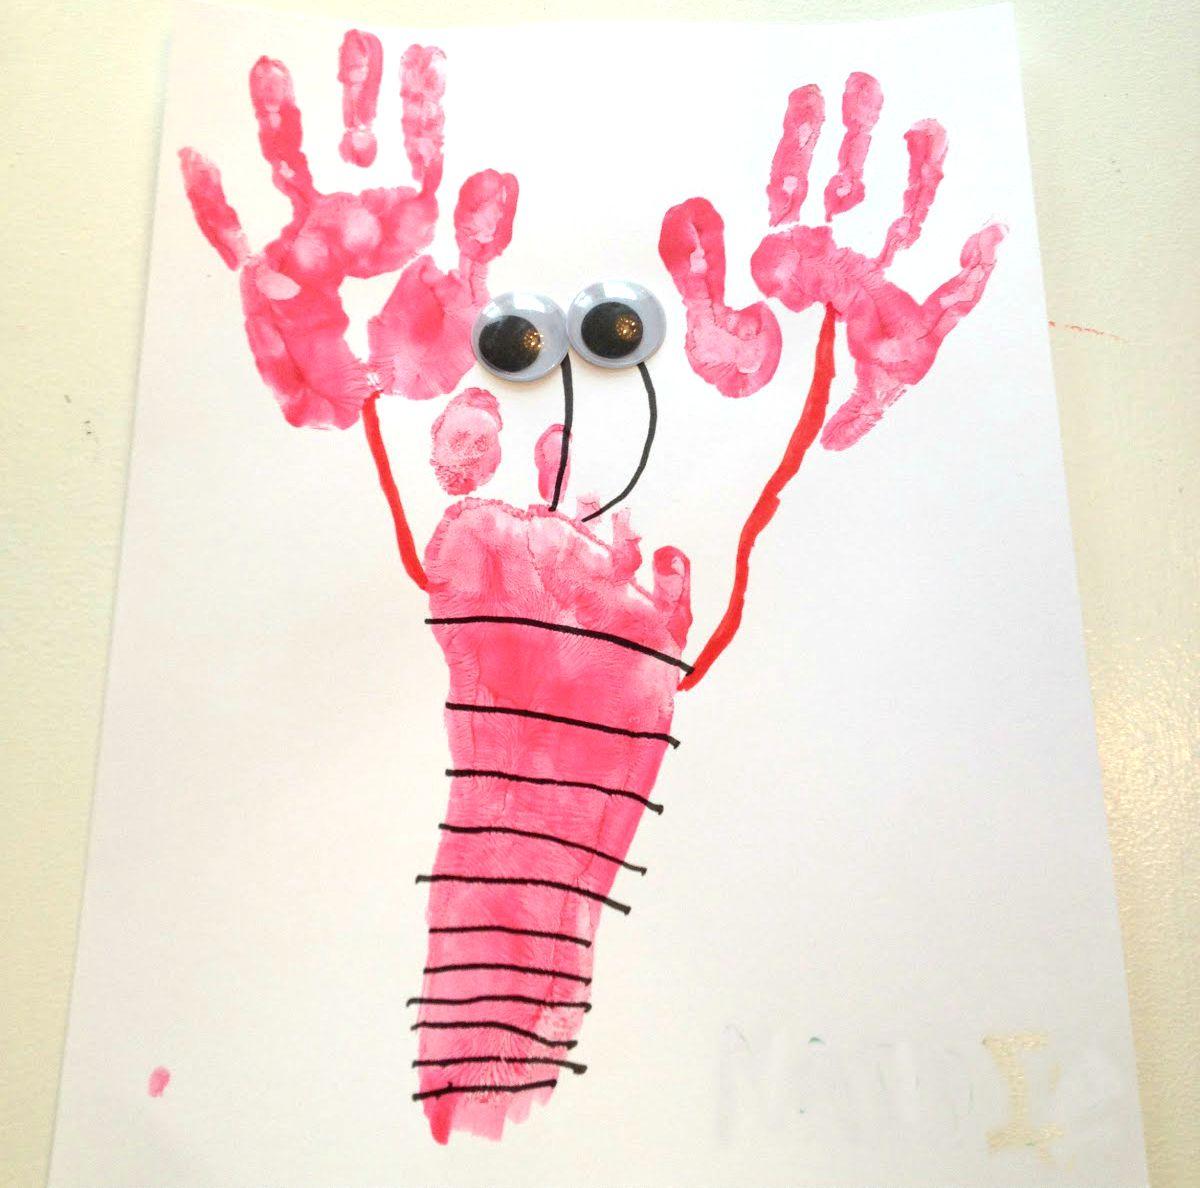 Lobster Handprint Art